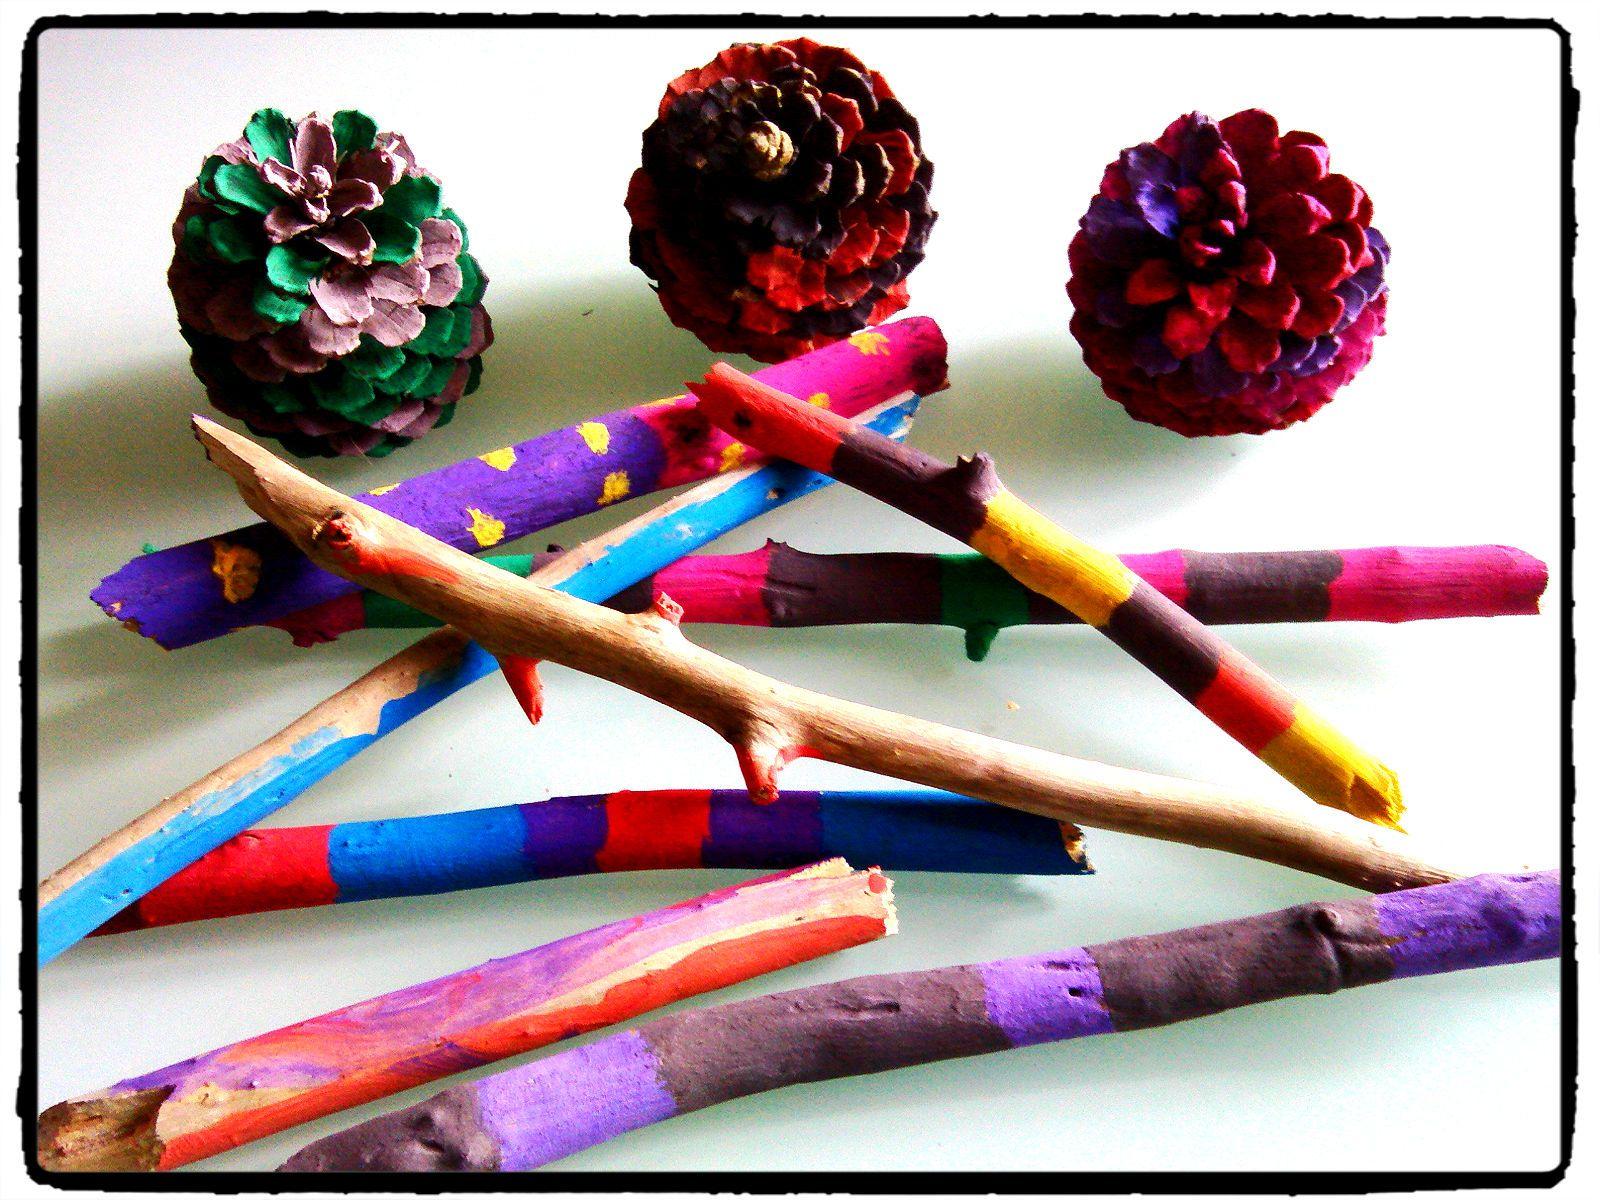 peindre des morceaux de bois et des pommes de pin techniques d 39 arts visuels pour enfants. Black Bedroom Furniture Sets. Home Design Ideas